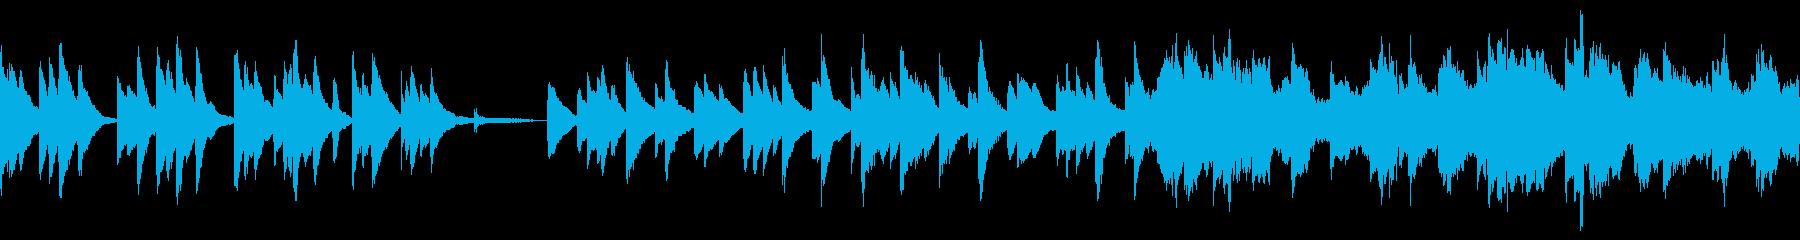 思い巡る休息のピアノの再生済みの波形